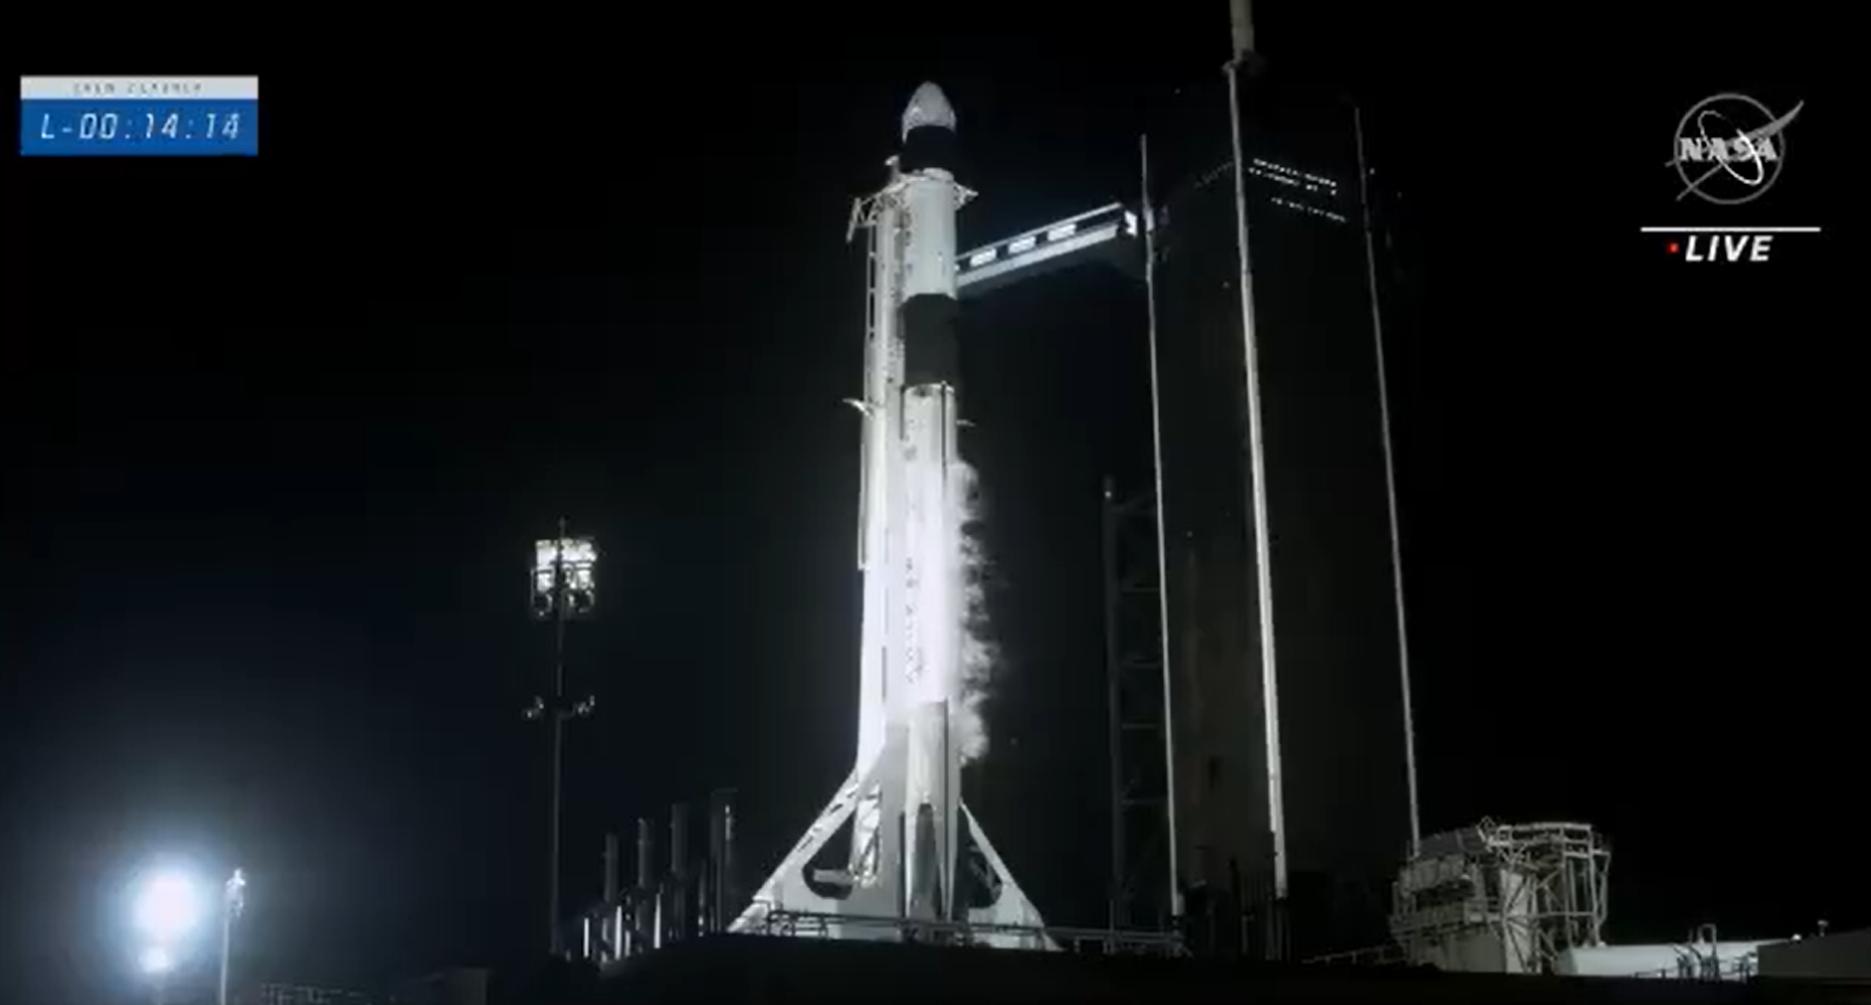 IMAGEM: Nasa e SpaceX lançam 4 astronautas rumo à estação espacial